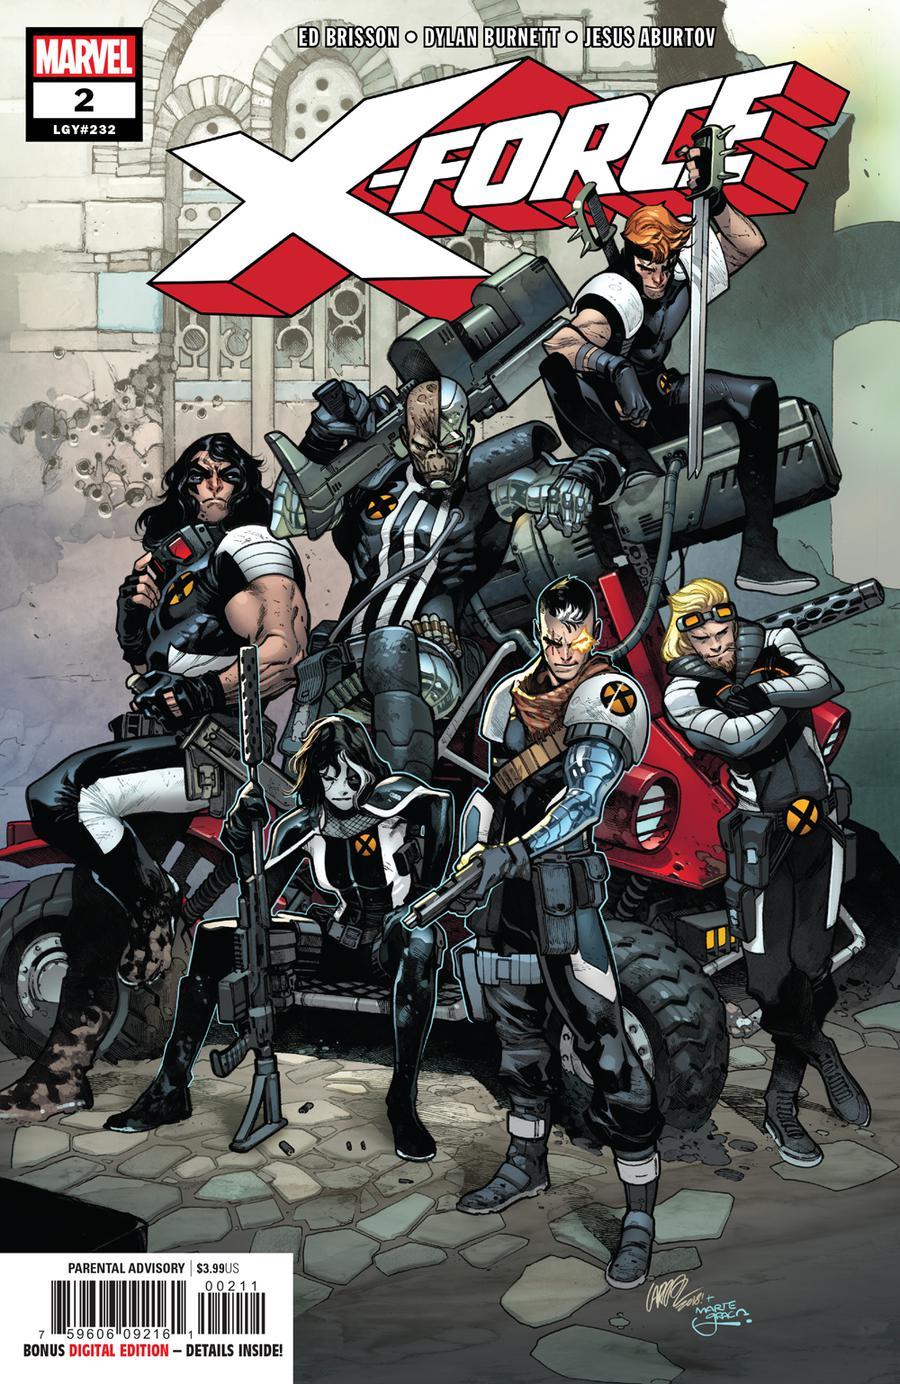 X-Force Vol 5 #2 Cover A Regular Pepe Larraz Cover